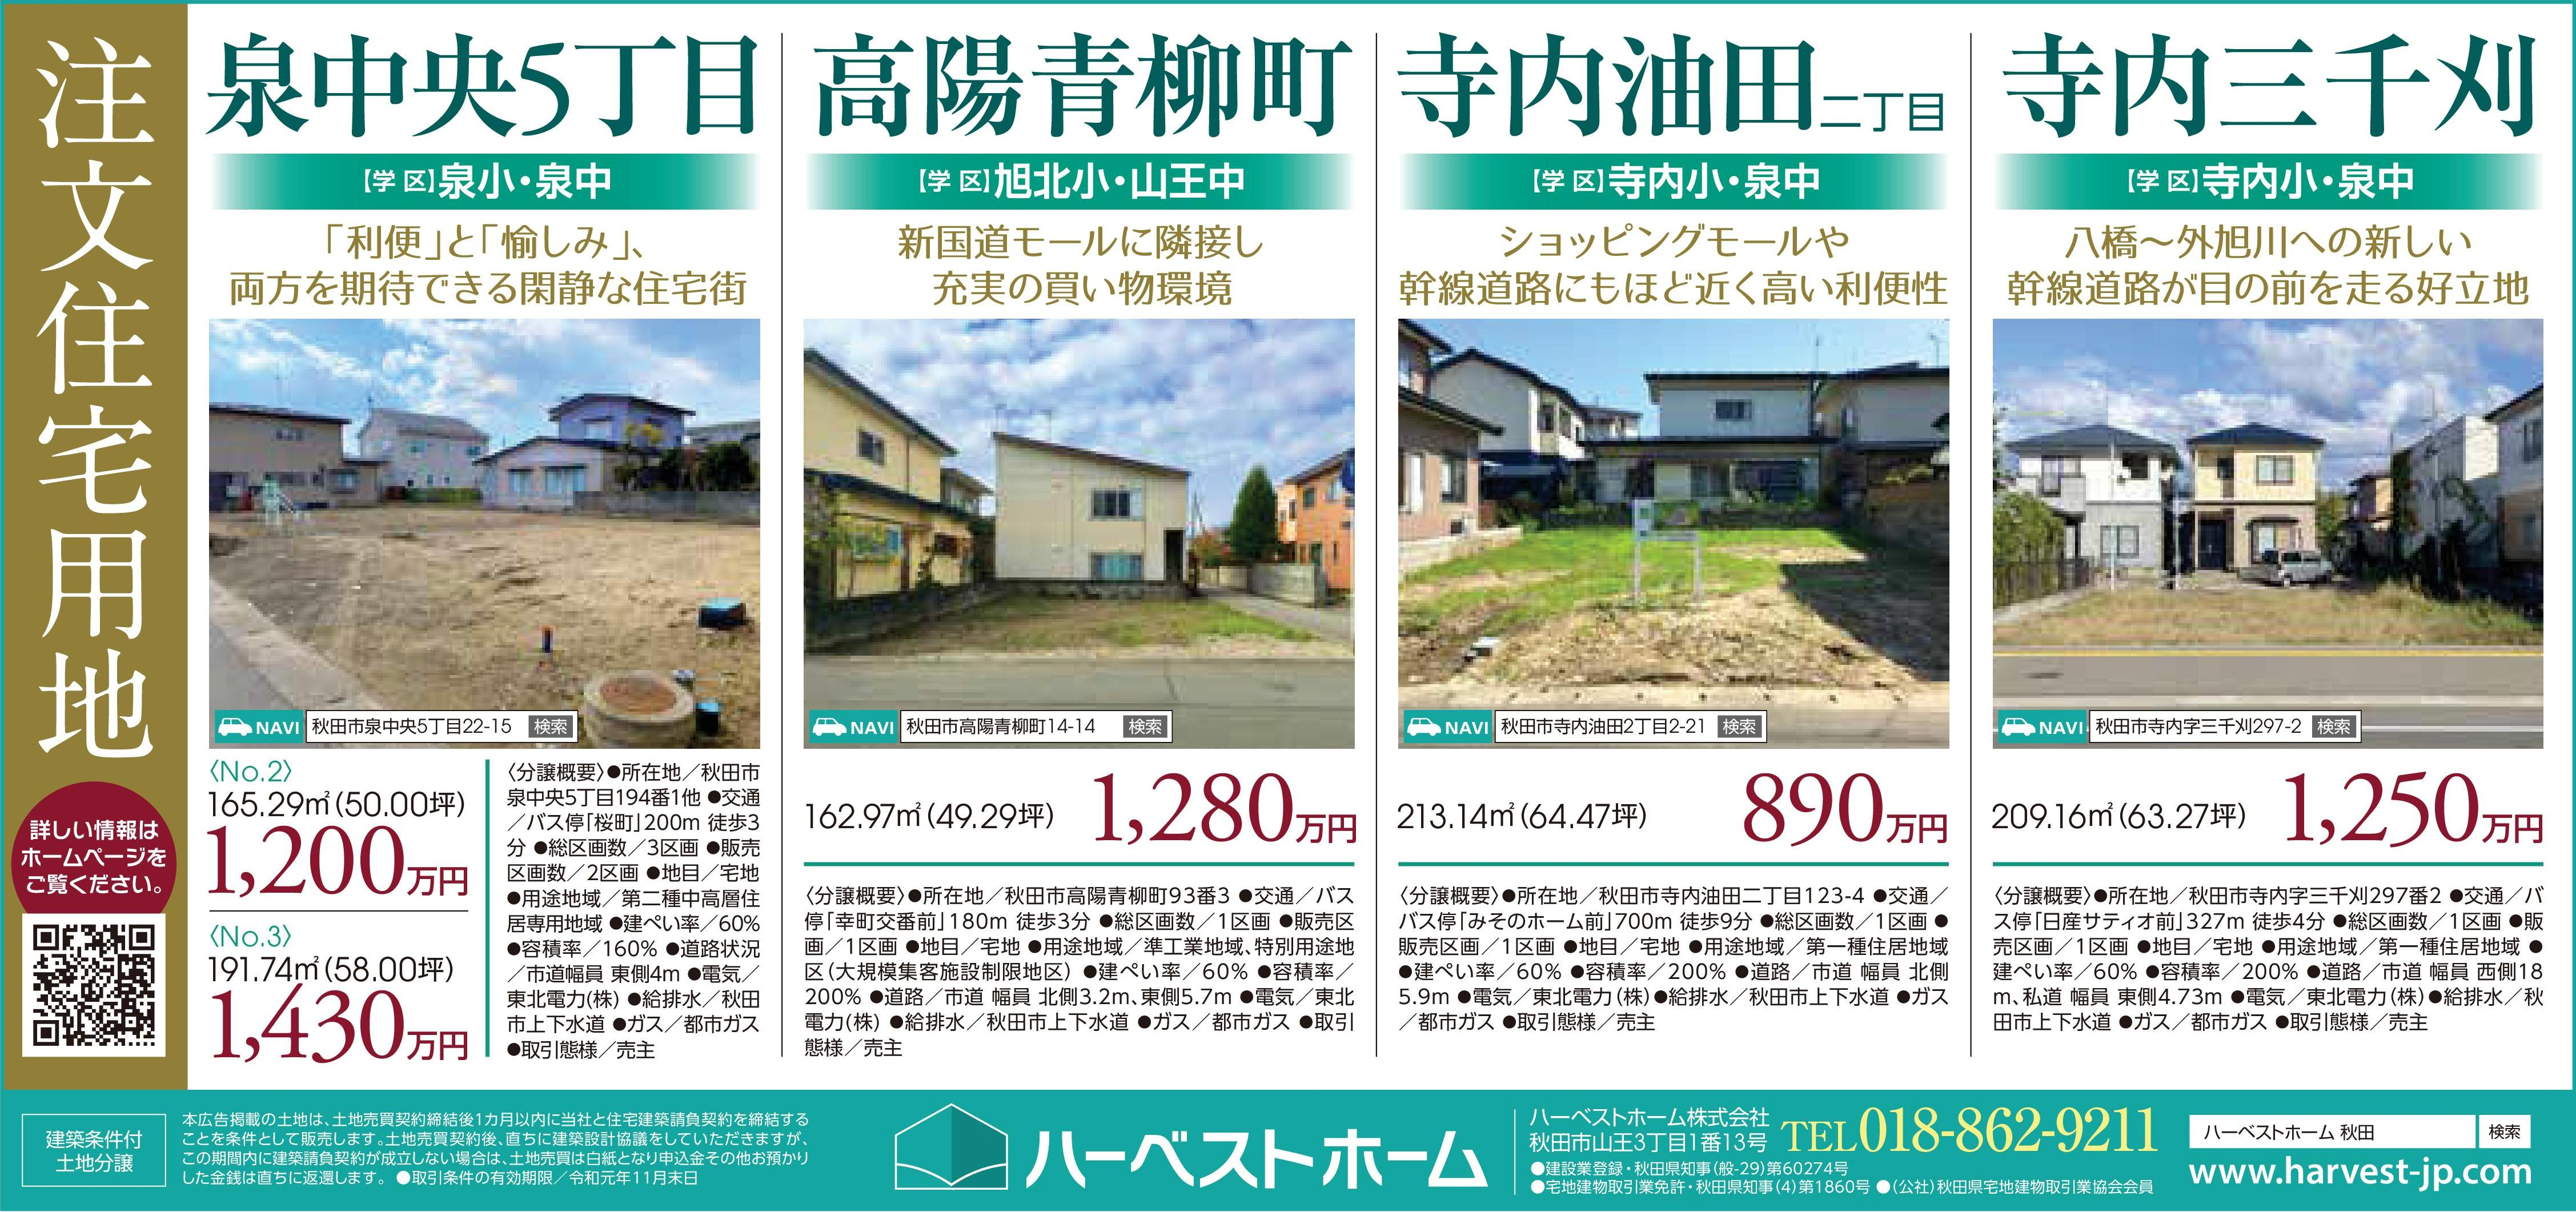 注目の『注文住宅用地』をご紹介